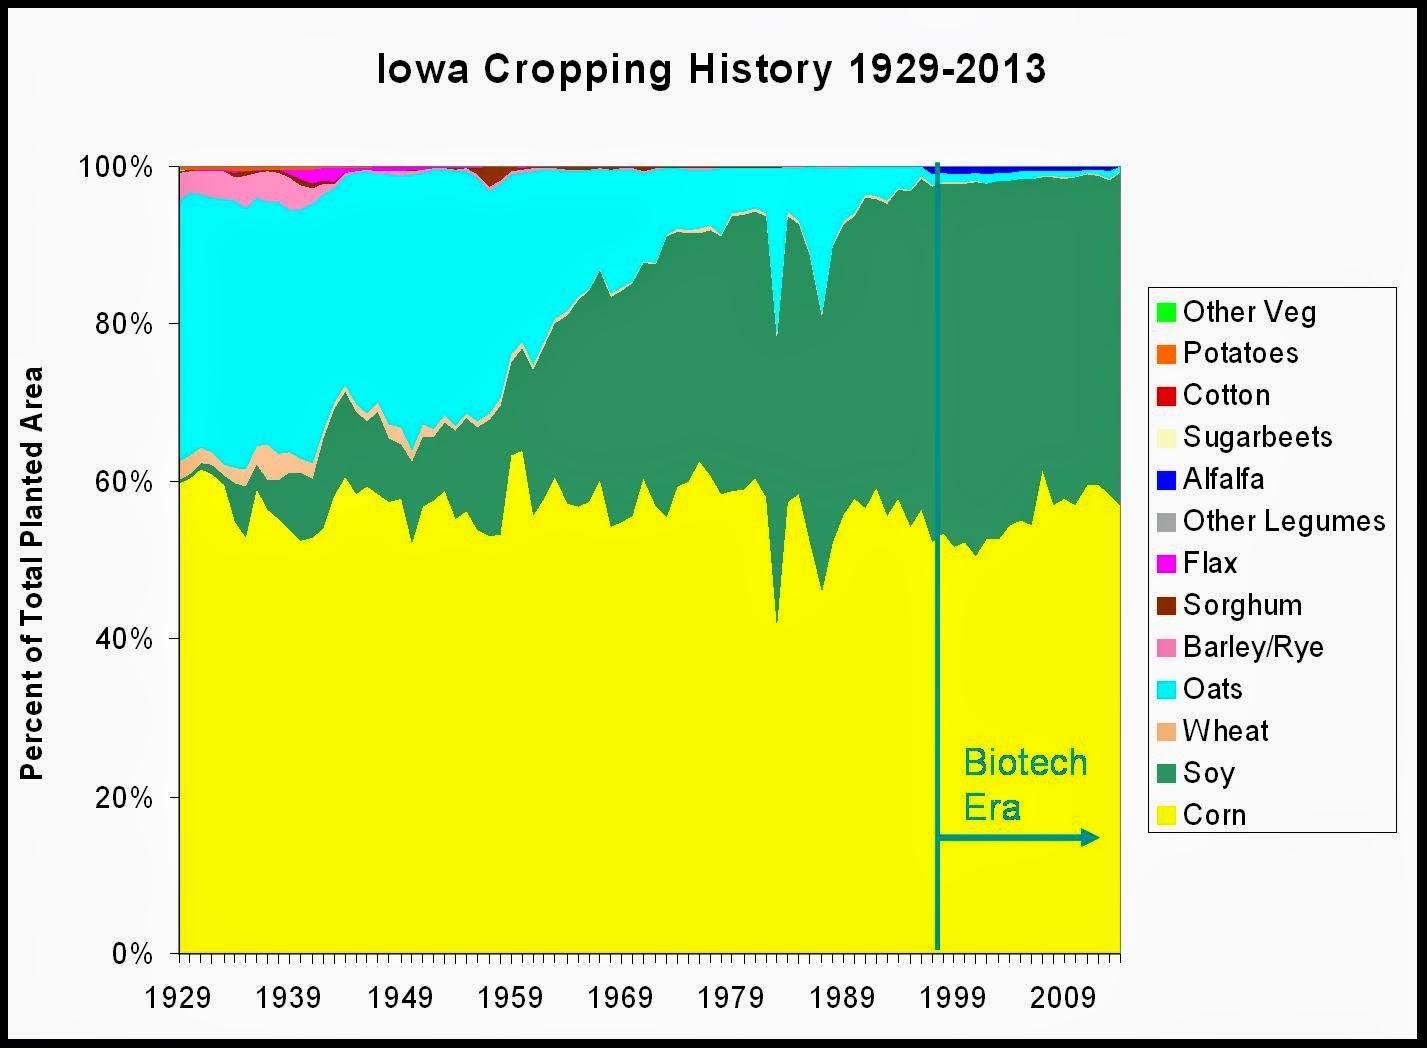 Iowa crop history